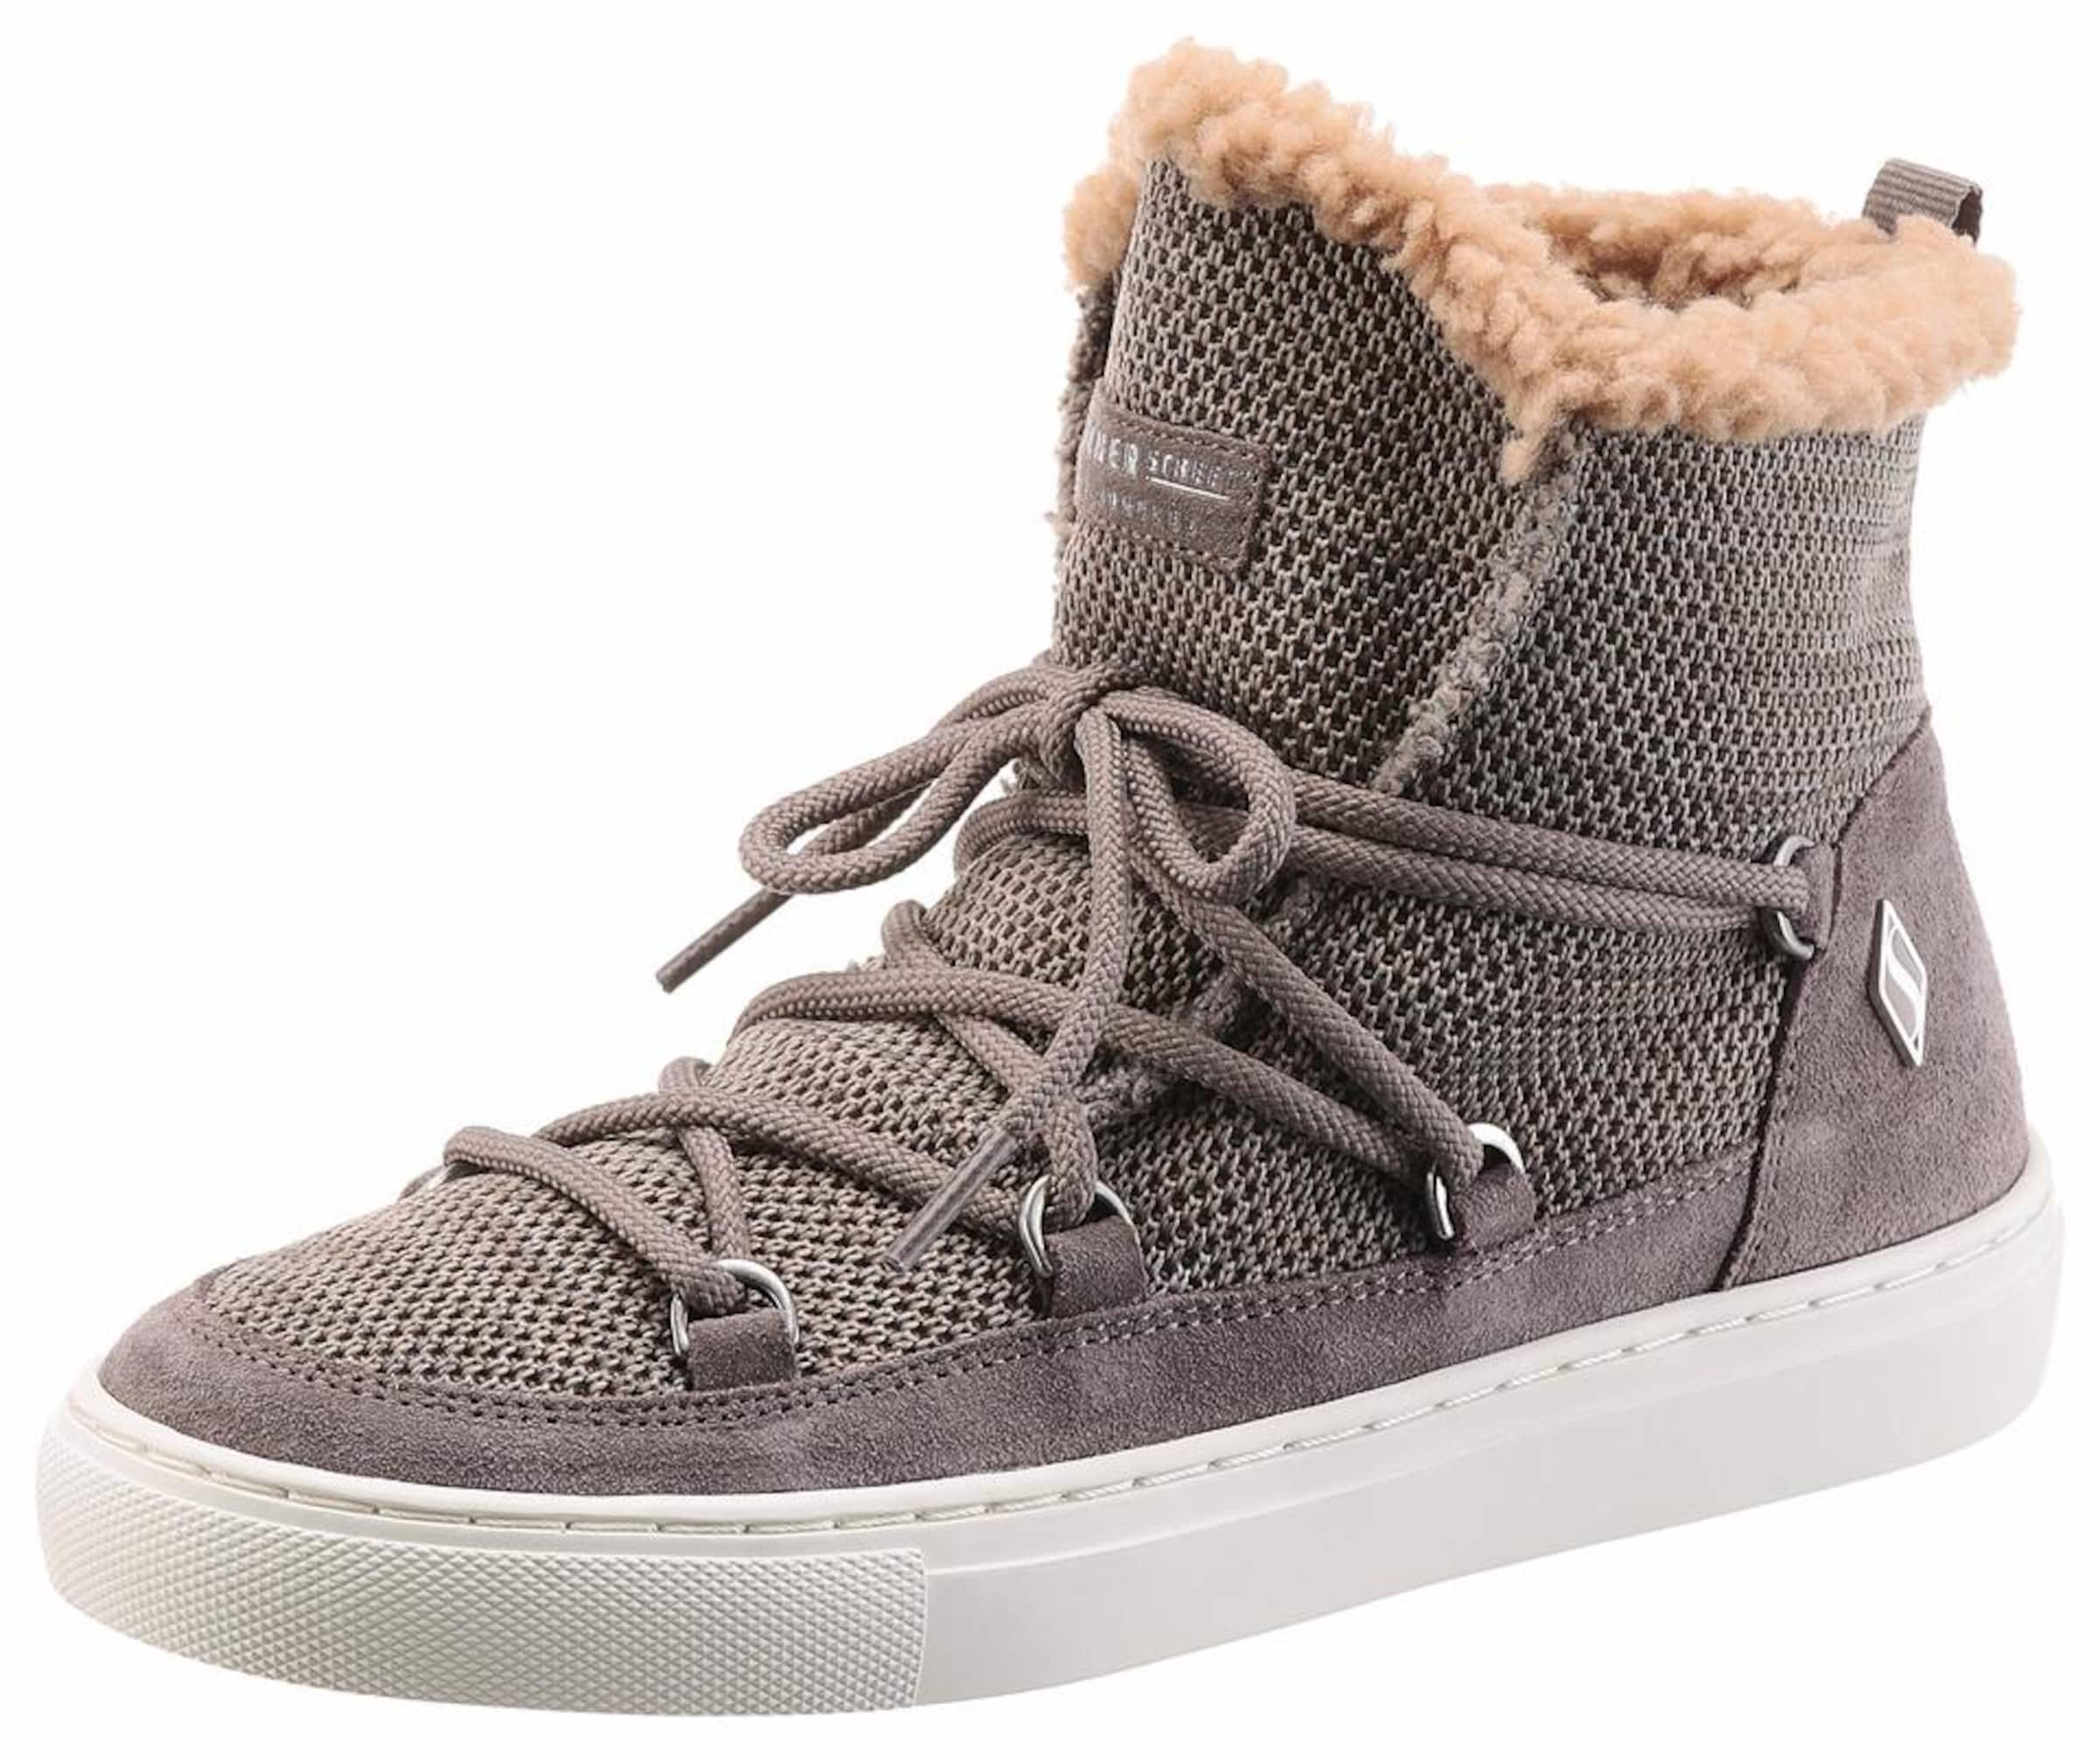 SKECHERS Winterboots Verschleißfeste billige Schuhe Hohe Qualität